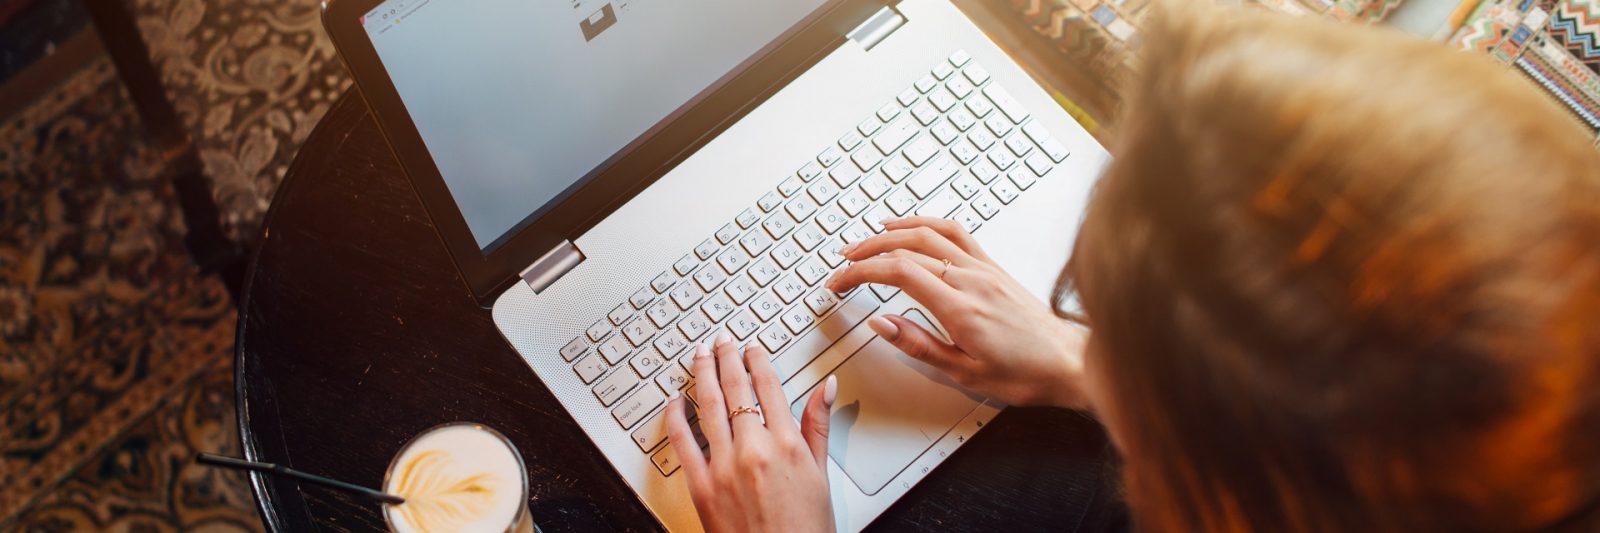 chica escribiendo en ordenador portatil